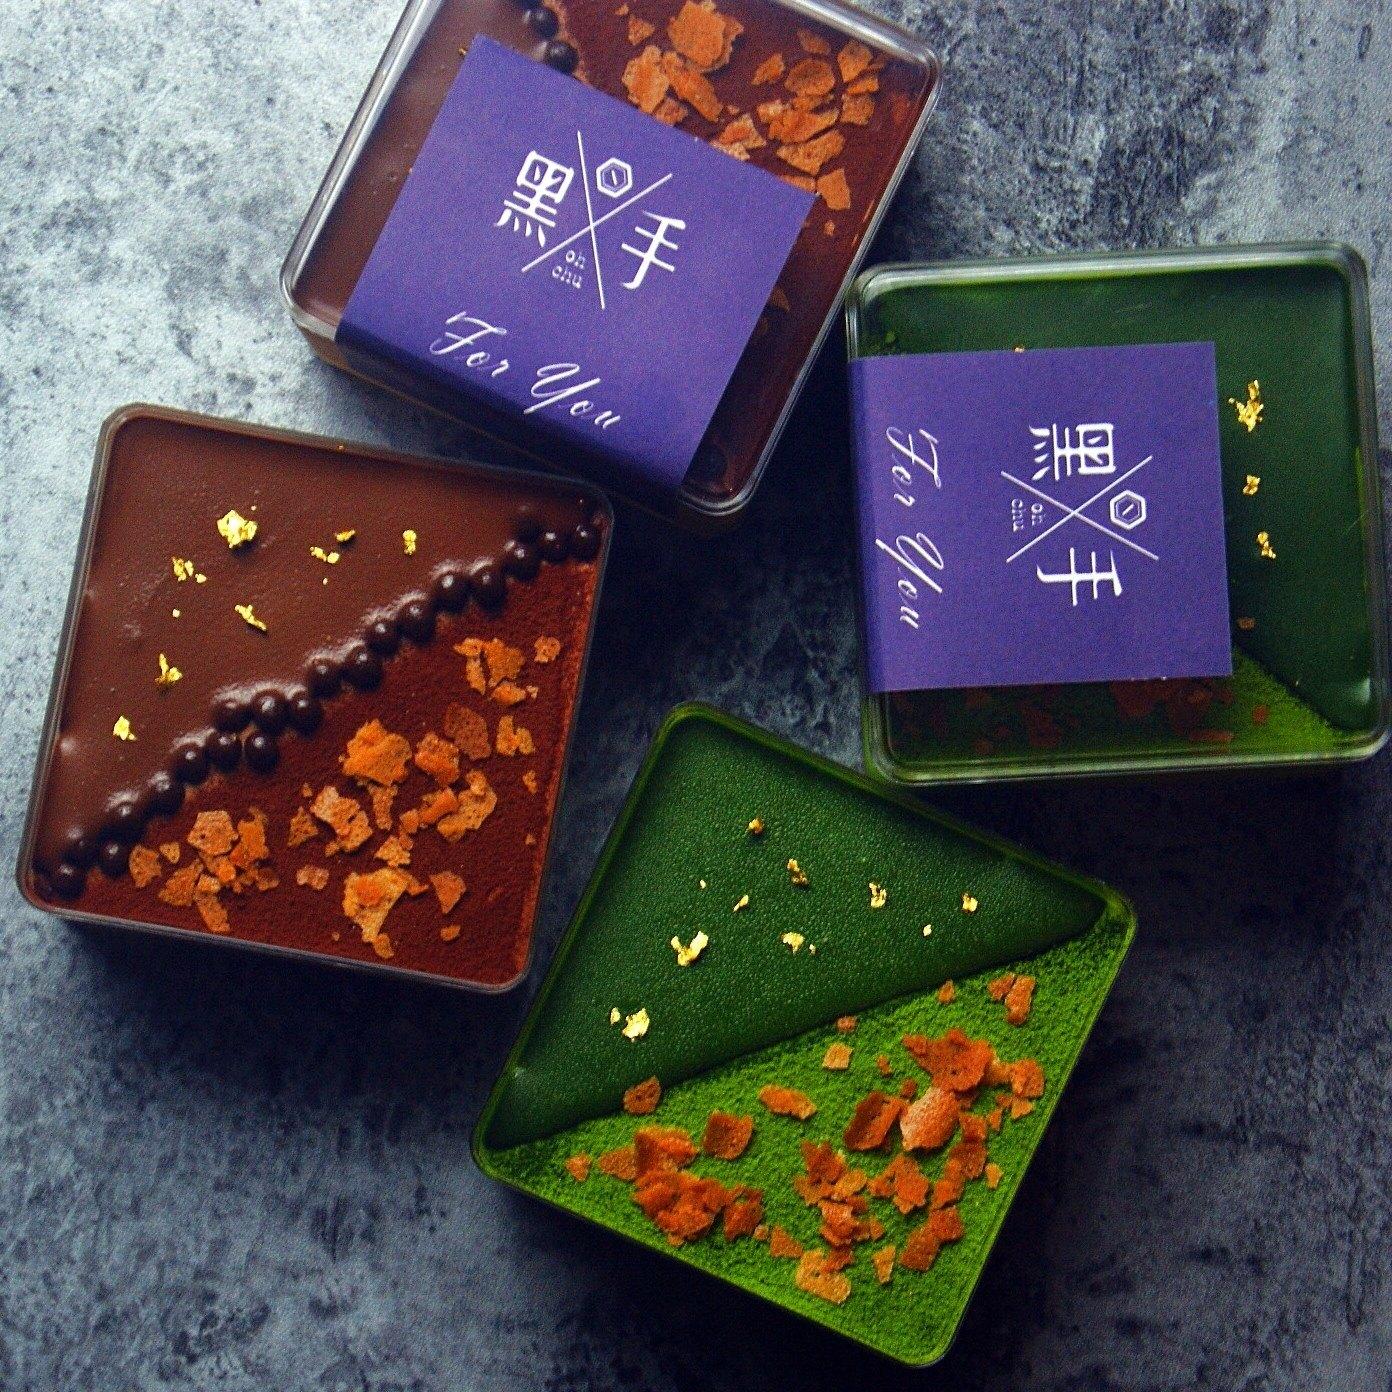 【黑手甜點】提拉米蘇蛋糕盒子2.0 -- 黑盒子/綠盒子